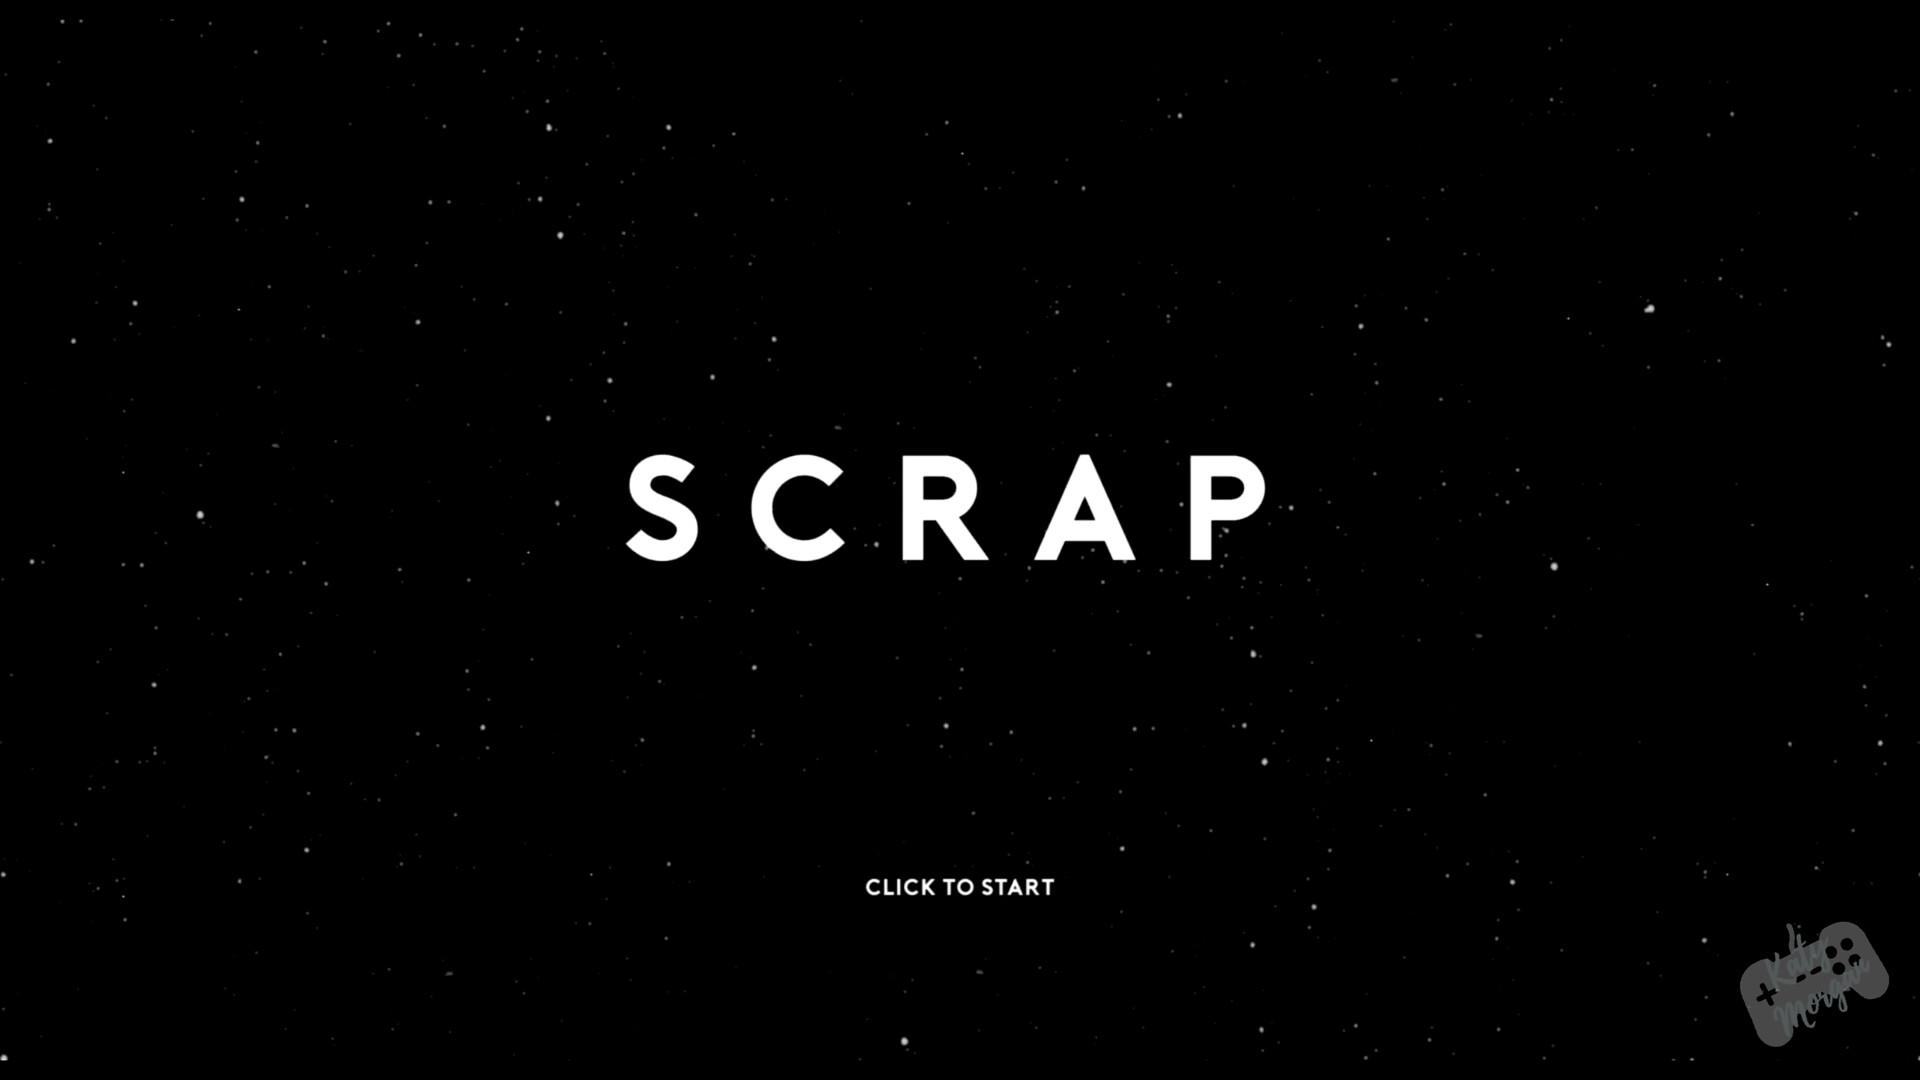 UI Menu for Scrap - made by myself.